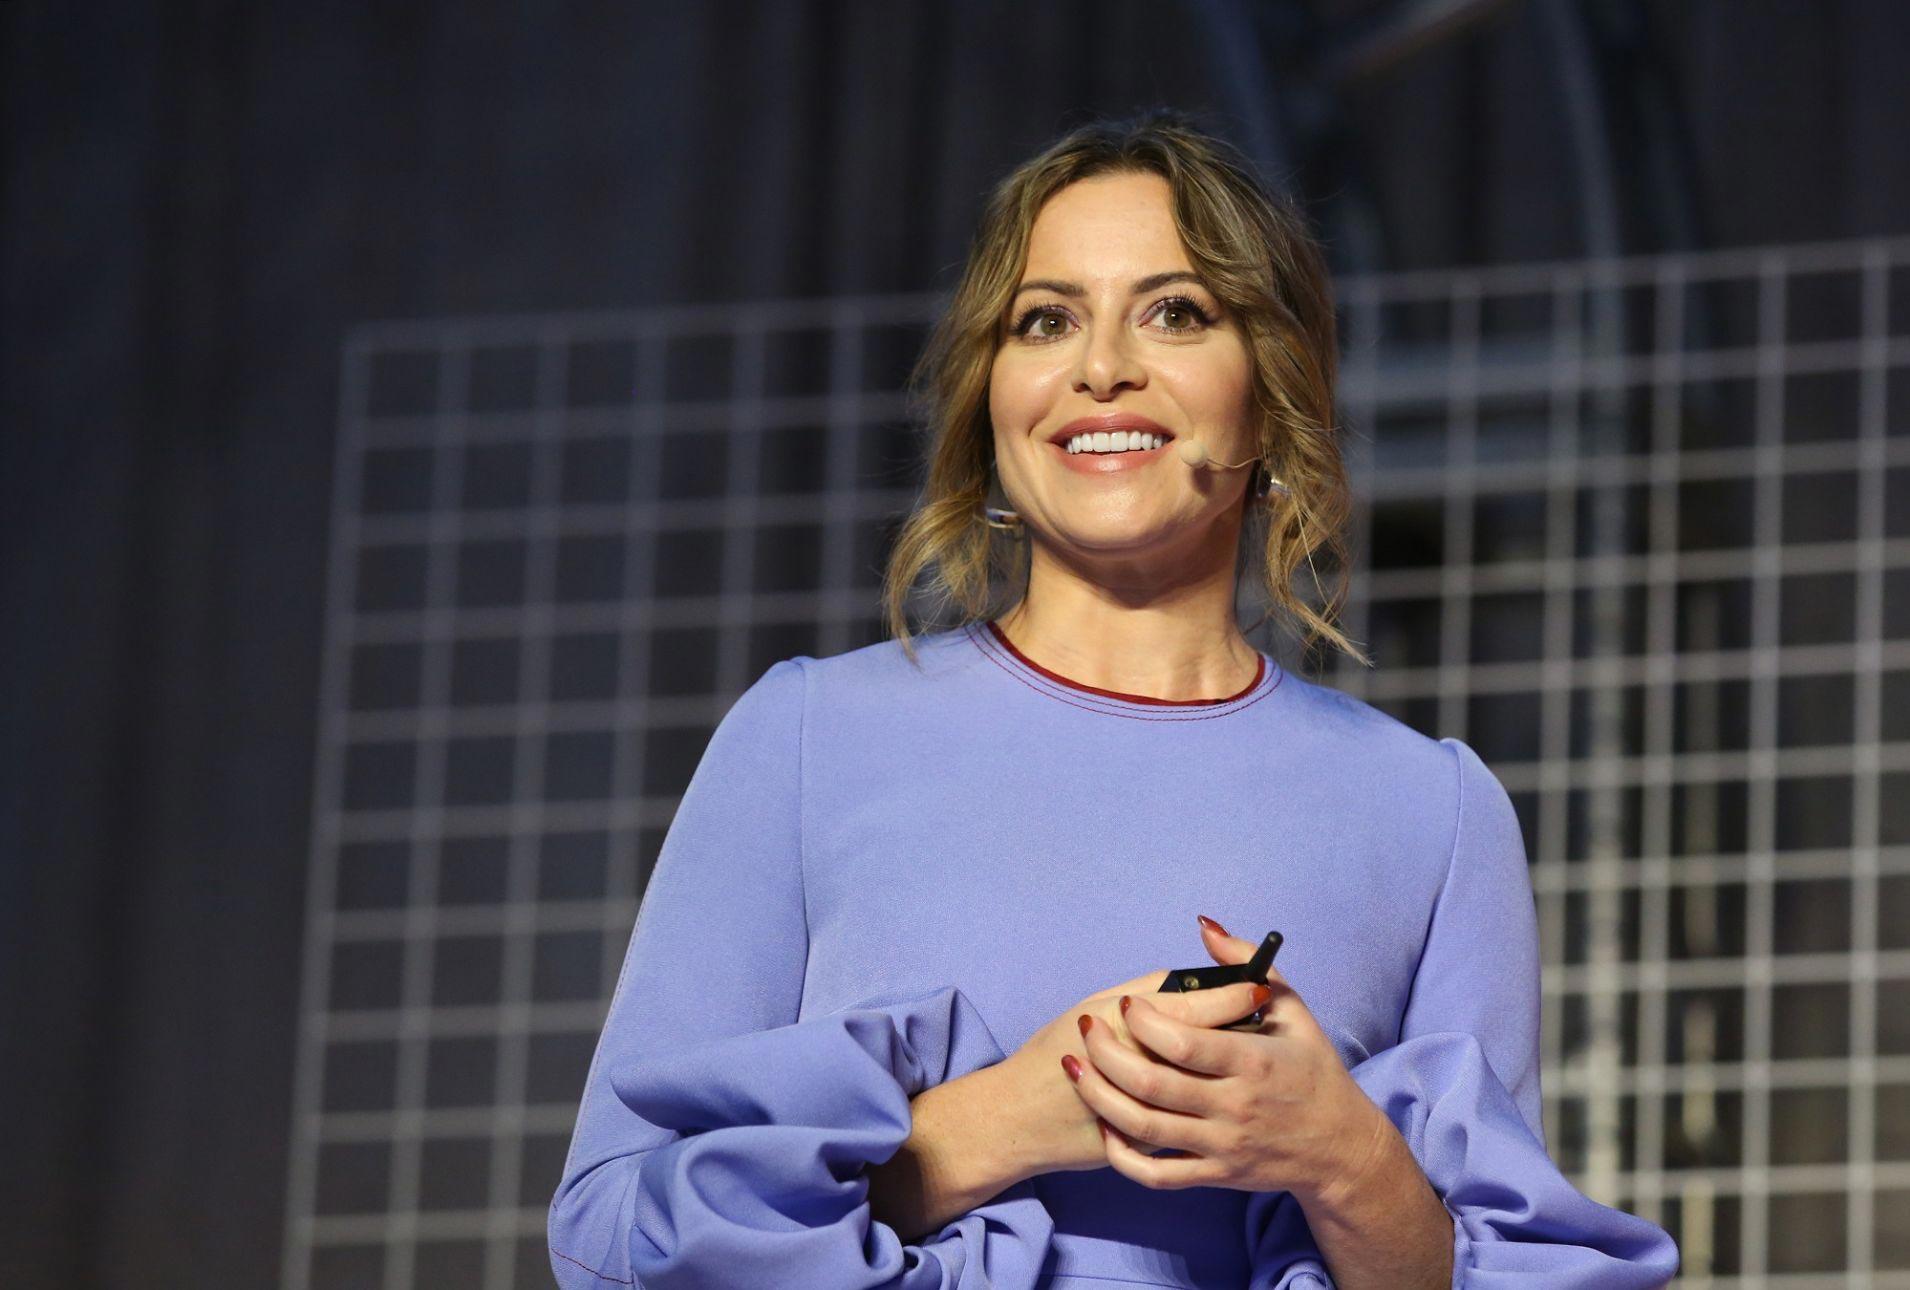 Sophia Amoruso v modrých šatech přednášející na konferenci svému publiku.